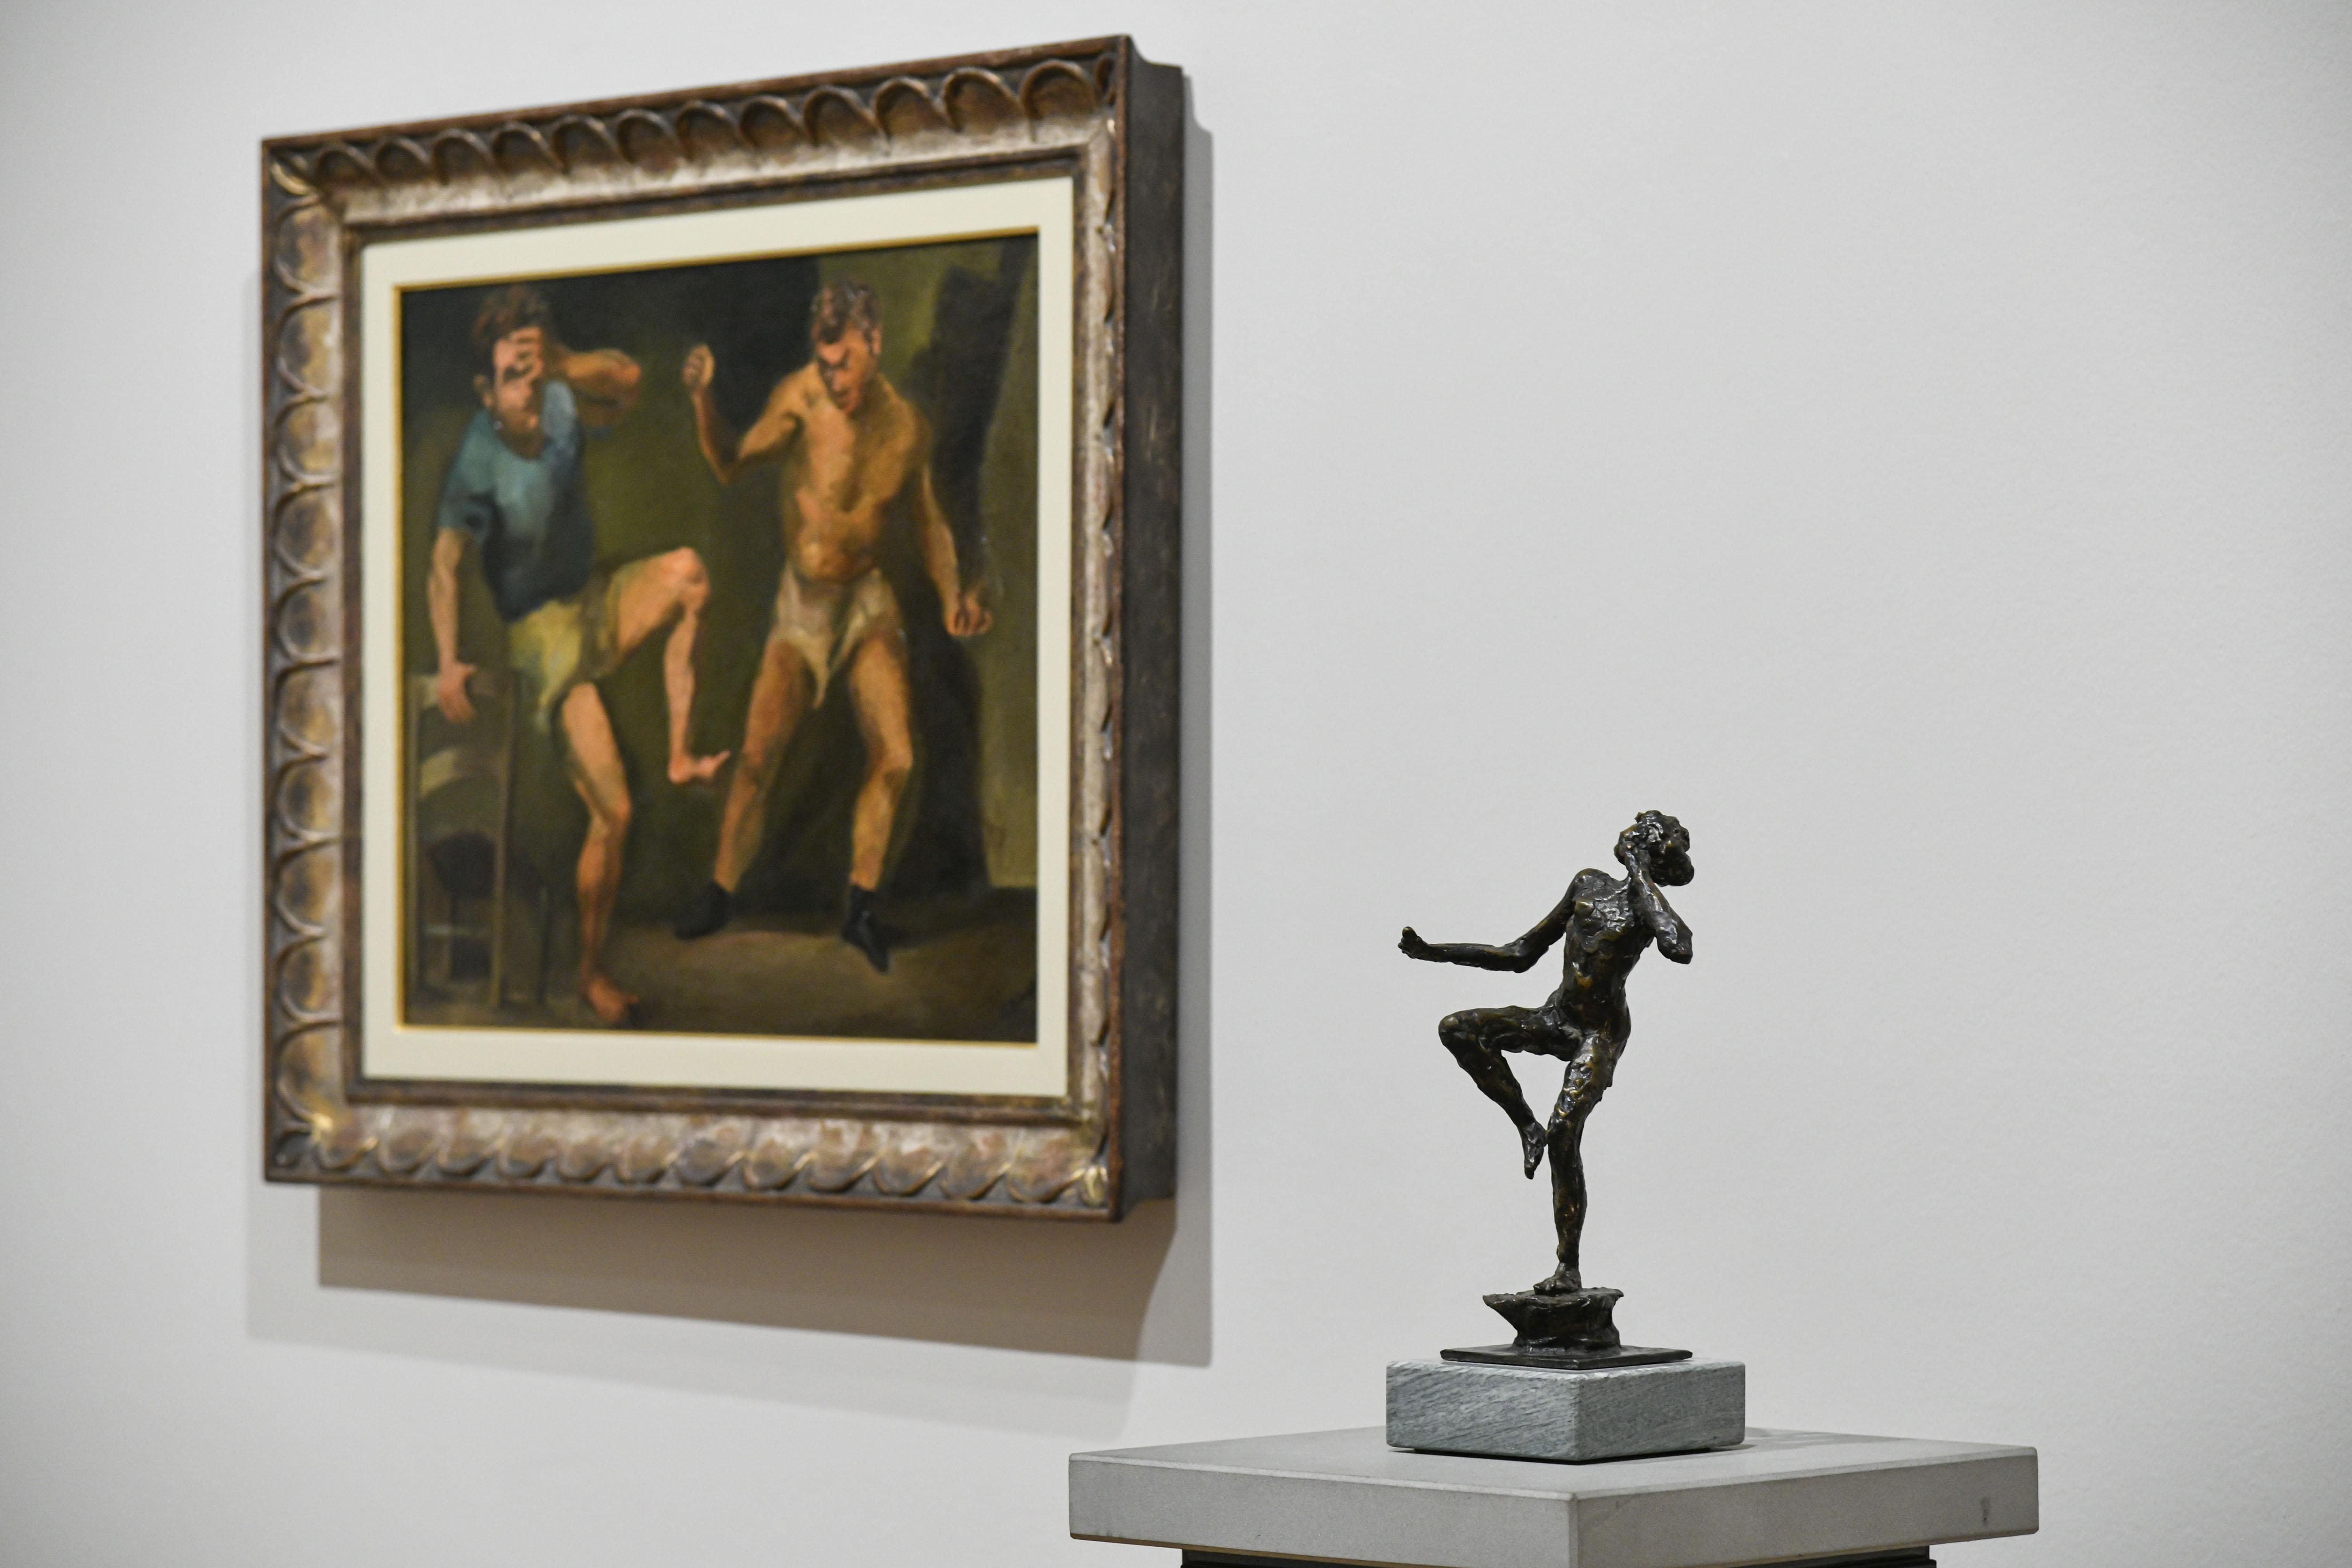 L'allestimento della mostra permette continui raffronti tra le opere esposte (Ph: Perottino).